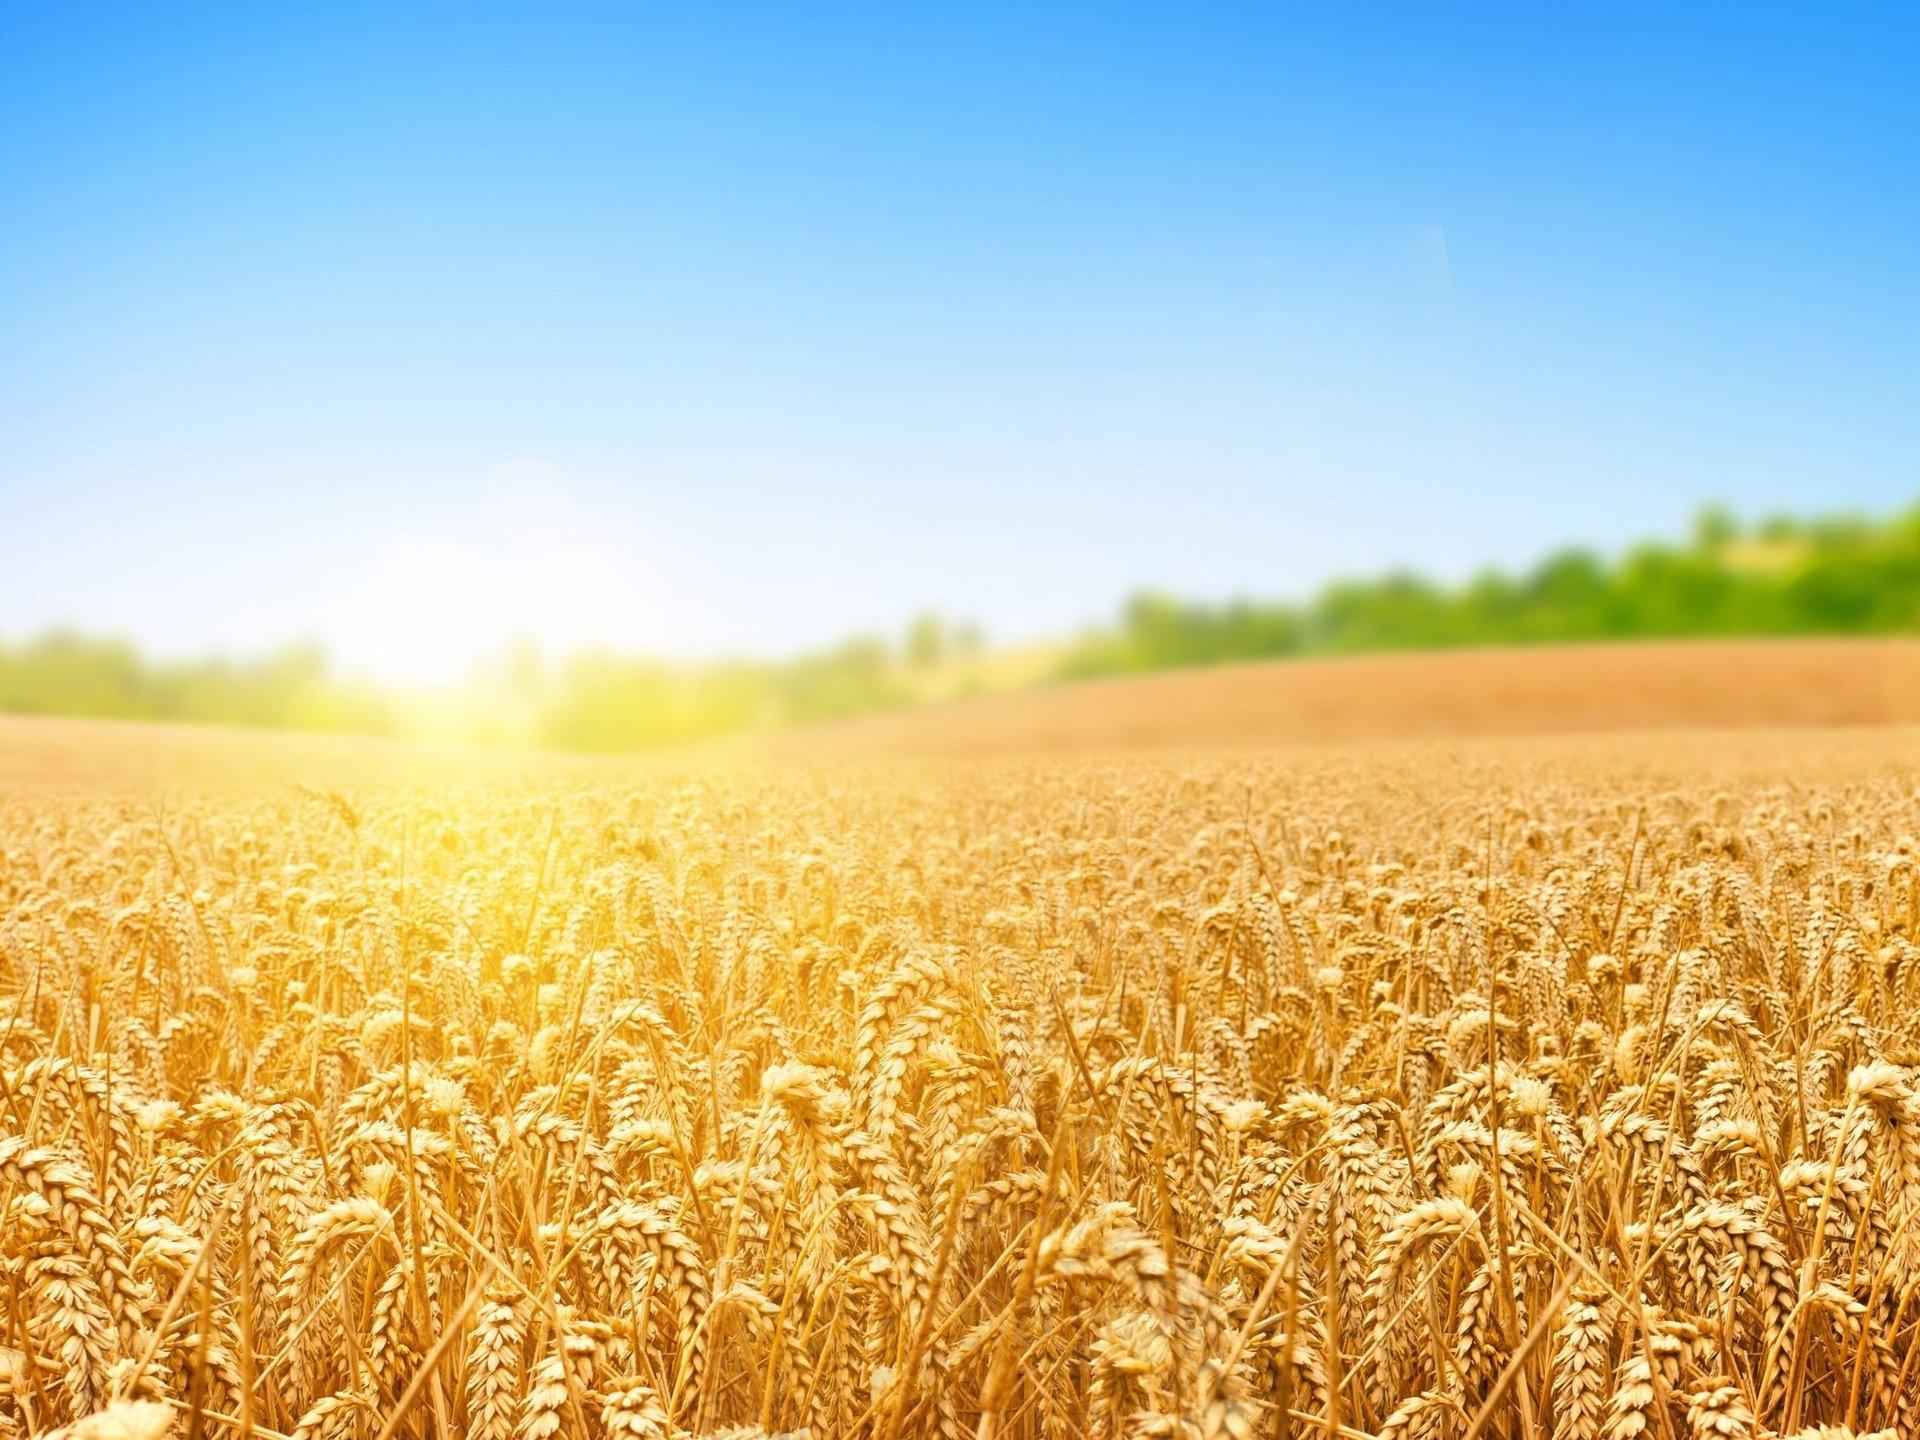 Ученые Российской Федерации иКазахстана выявили устойчивые кзасухе виды дикорастущей пшеницы